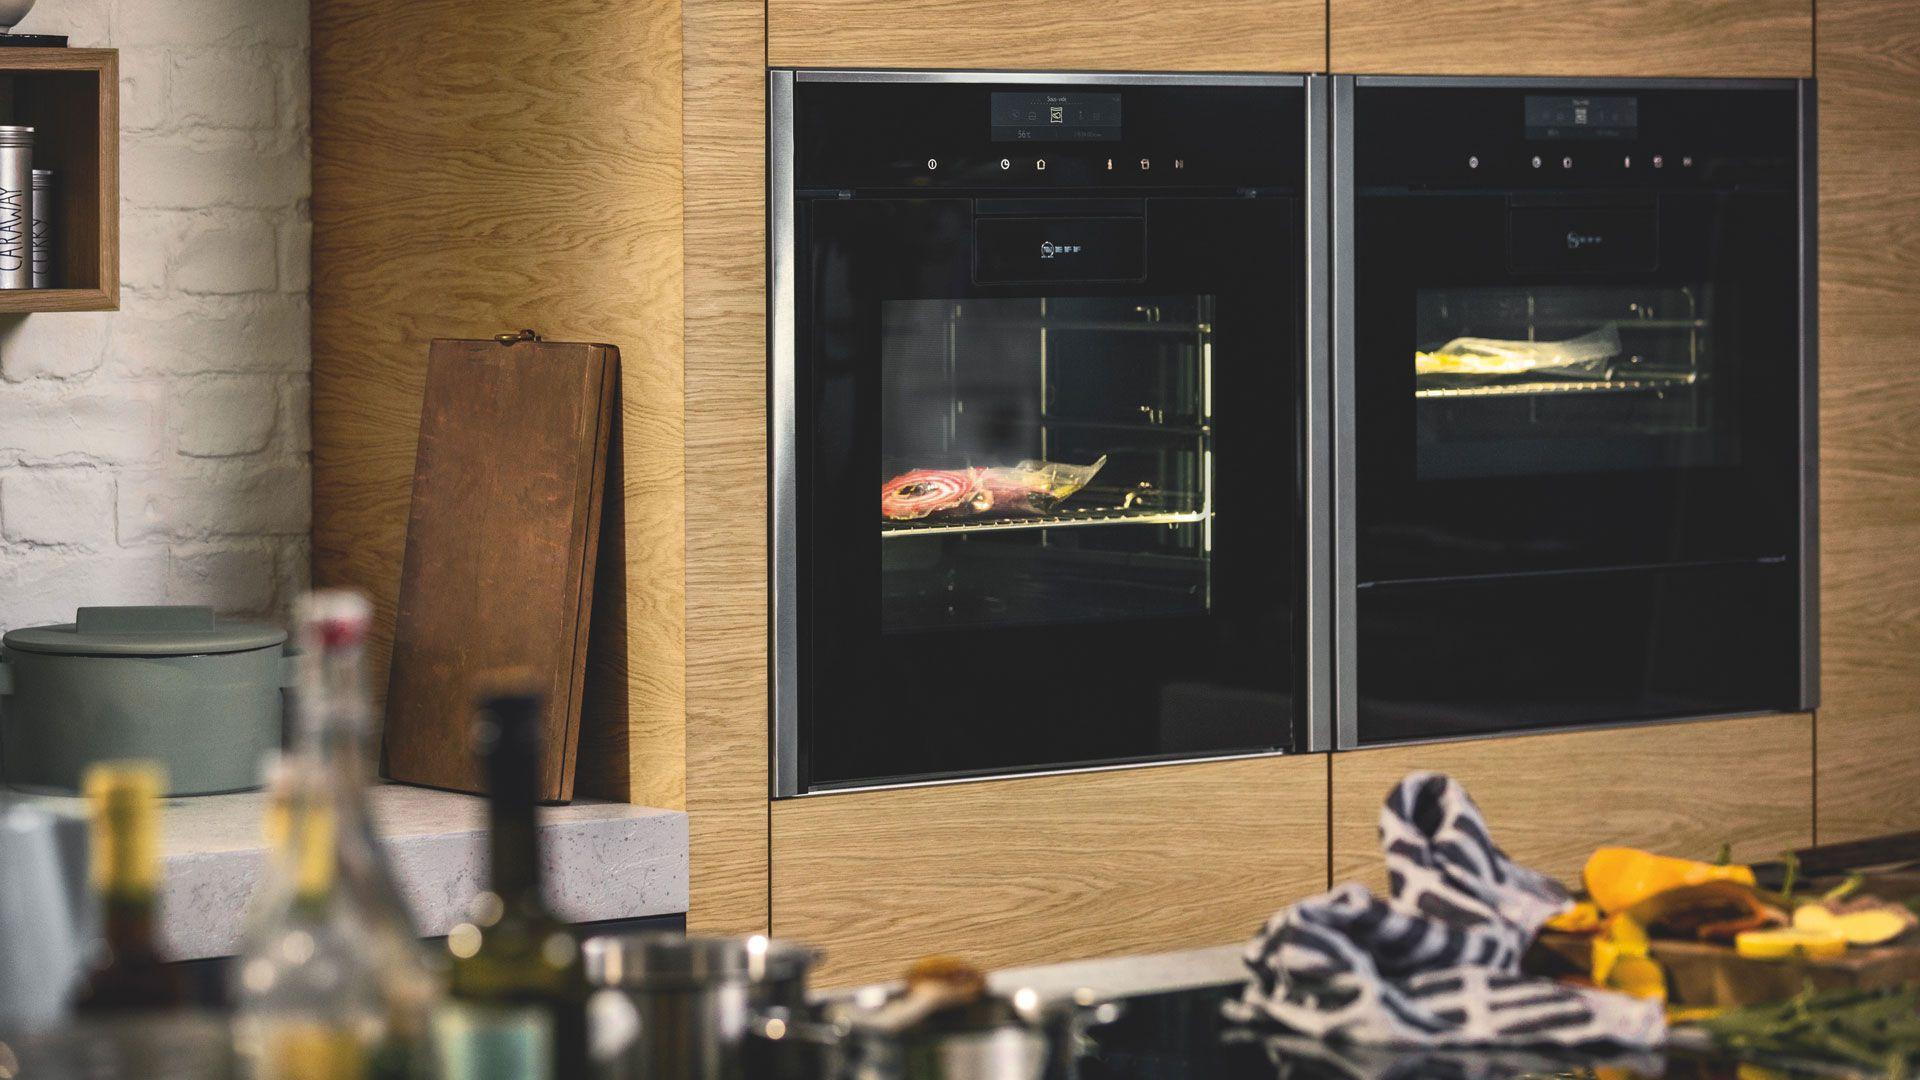 Siemens Studioline Kühlschrank : Siemens home connect küchenfachhändler isenbüttel horstmann